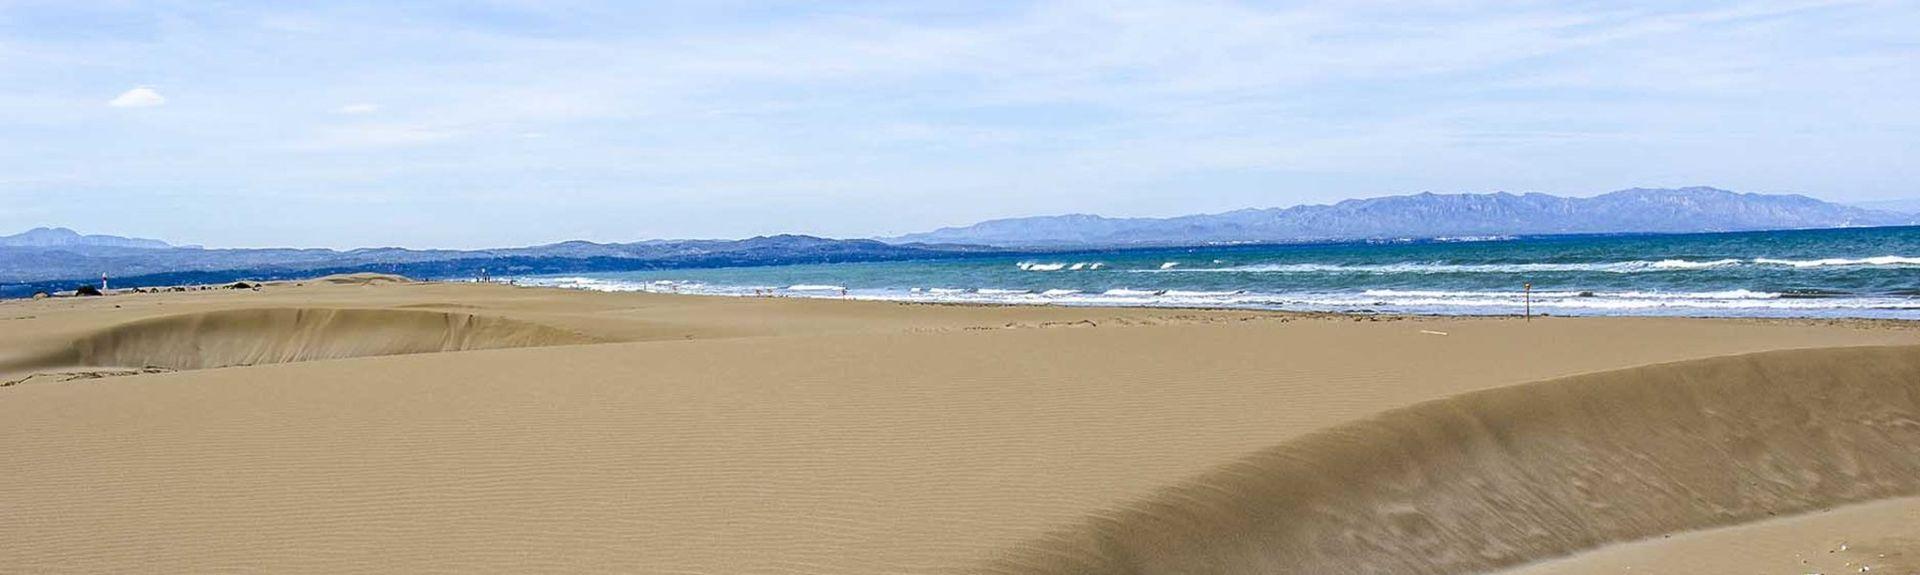 L'Ampolla Beach, L'Ampolla, Spain